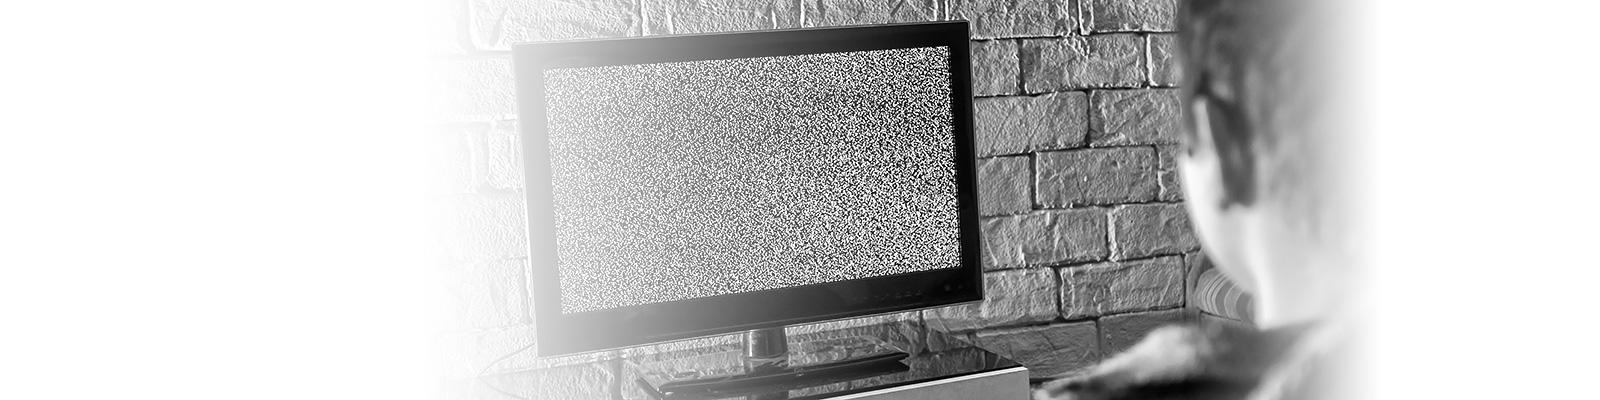 テレビ 視聴 遮断 イメージ